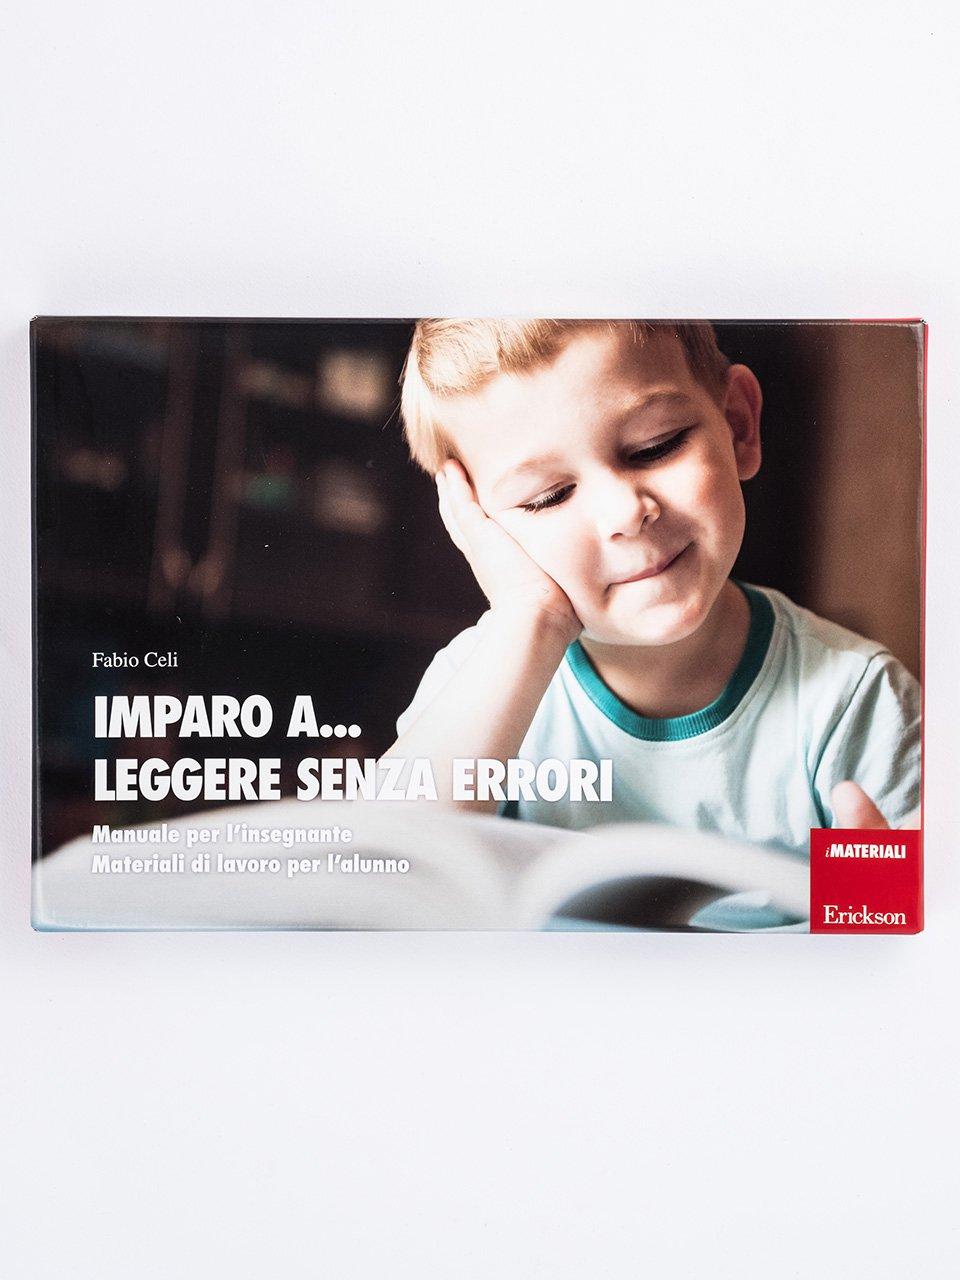 Imparo a... leggere senza errori - Tablotto (6-8 anni) - Giochi - Erickson